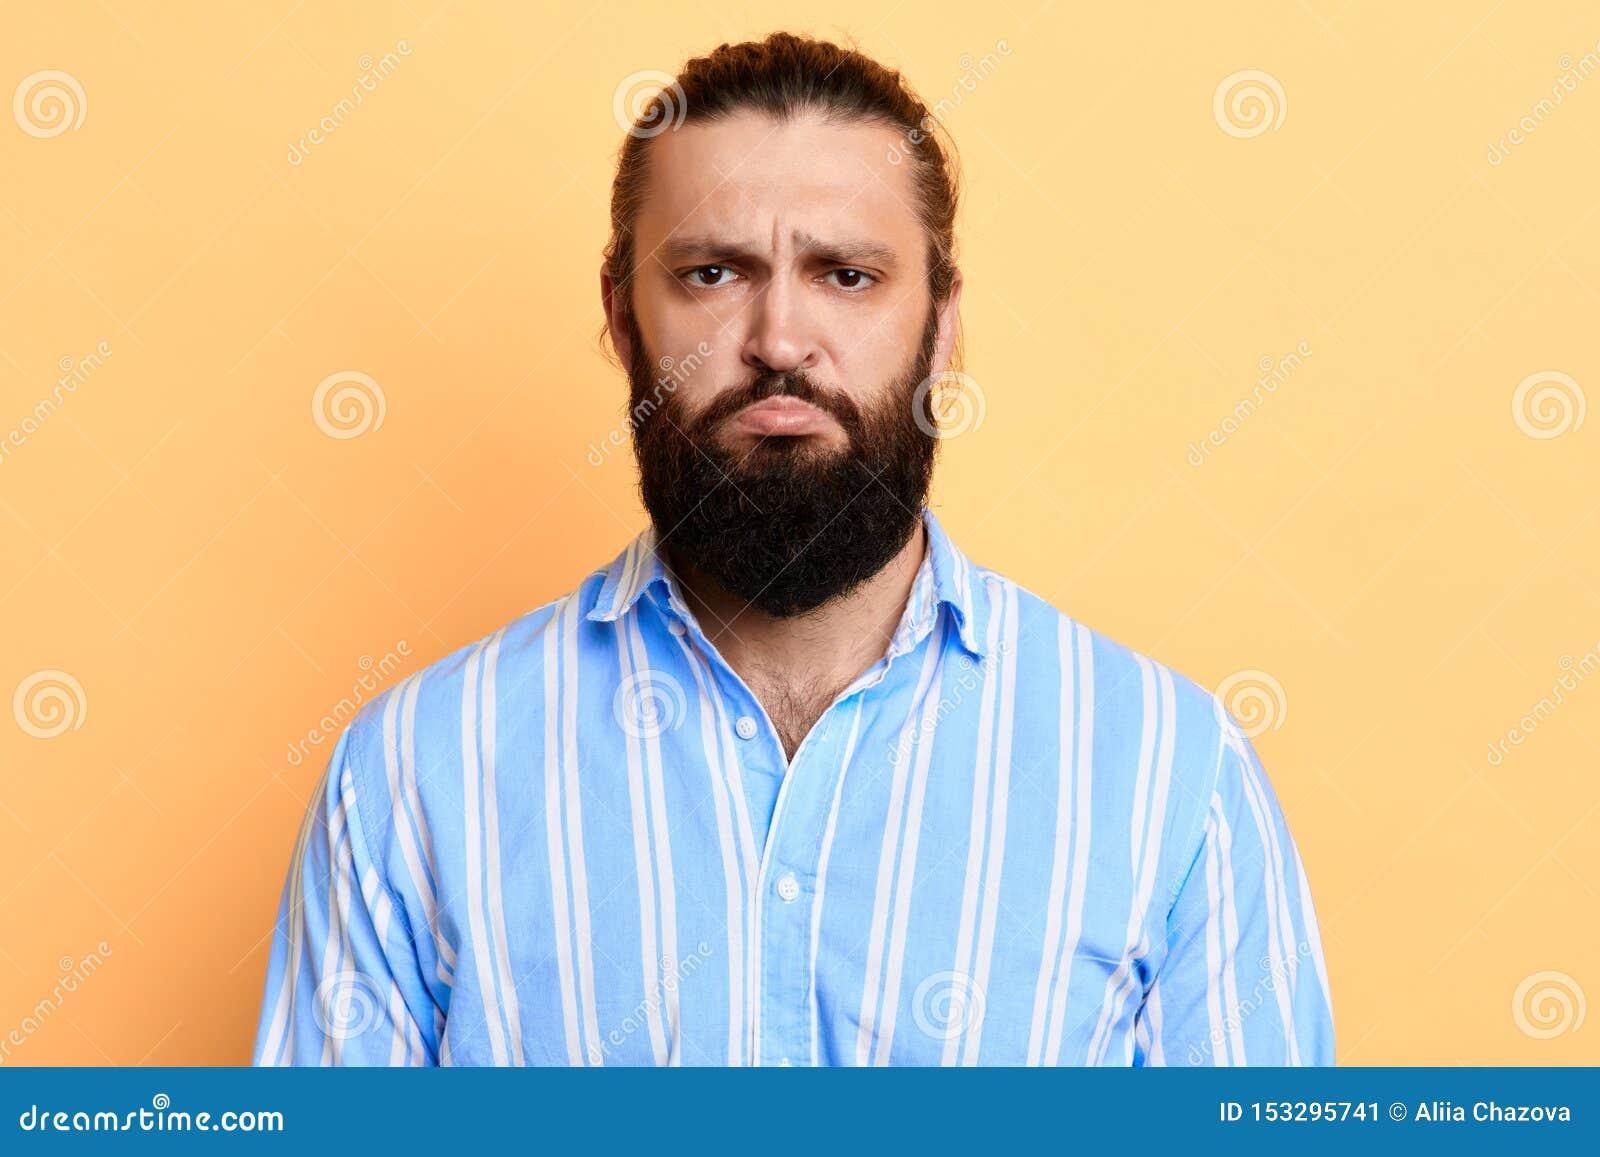 Nervöser zweifelhafter hübscher bärtiger die Stirn runzelnder Mann seine Augenbrauen